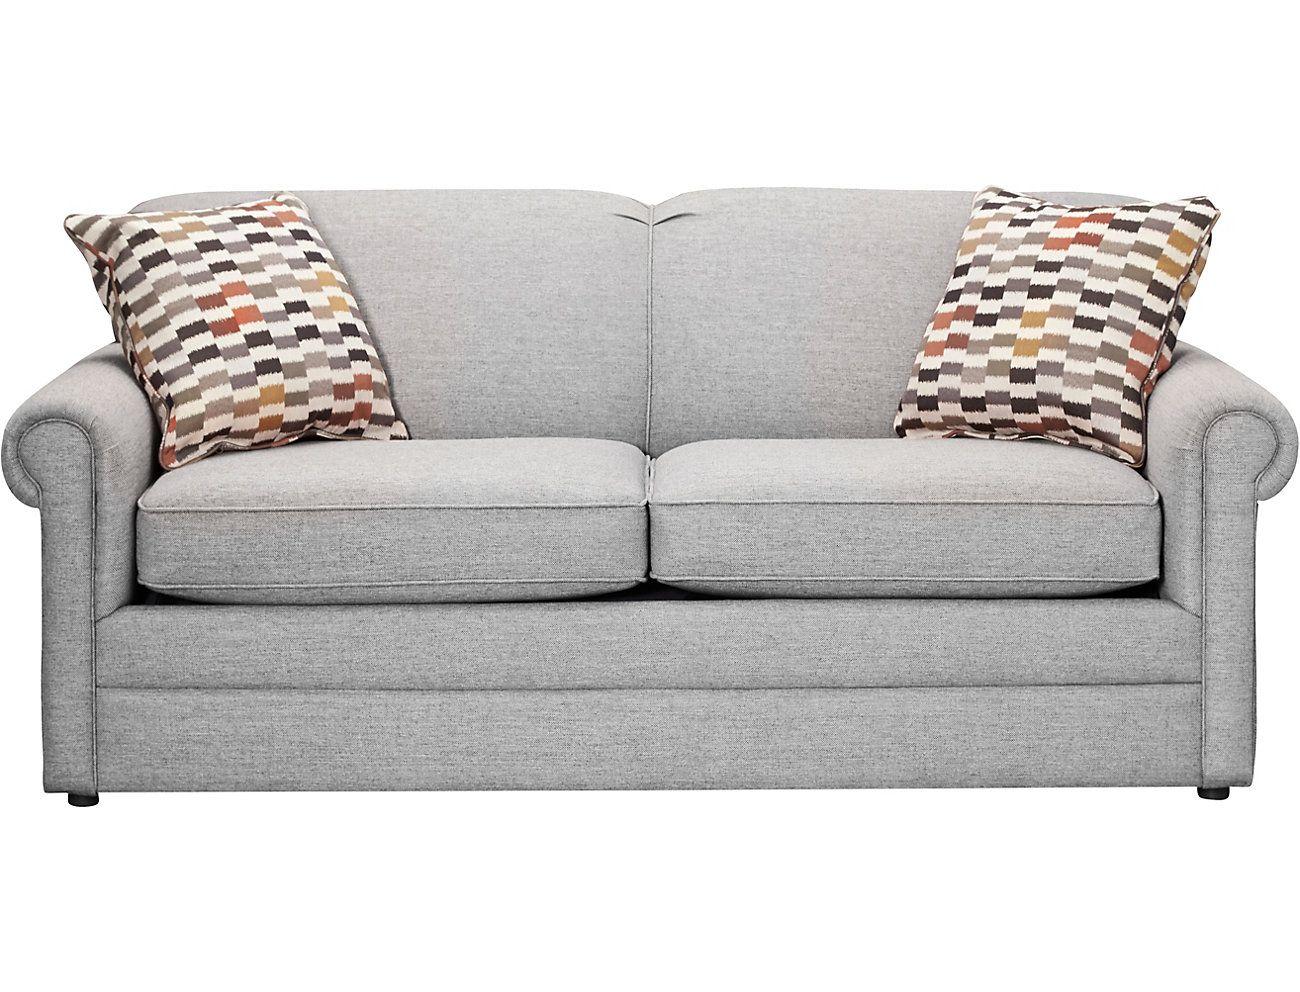 Kerry iii full sleeper steel steel large sleeper sofa